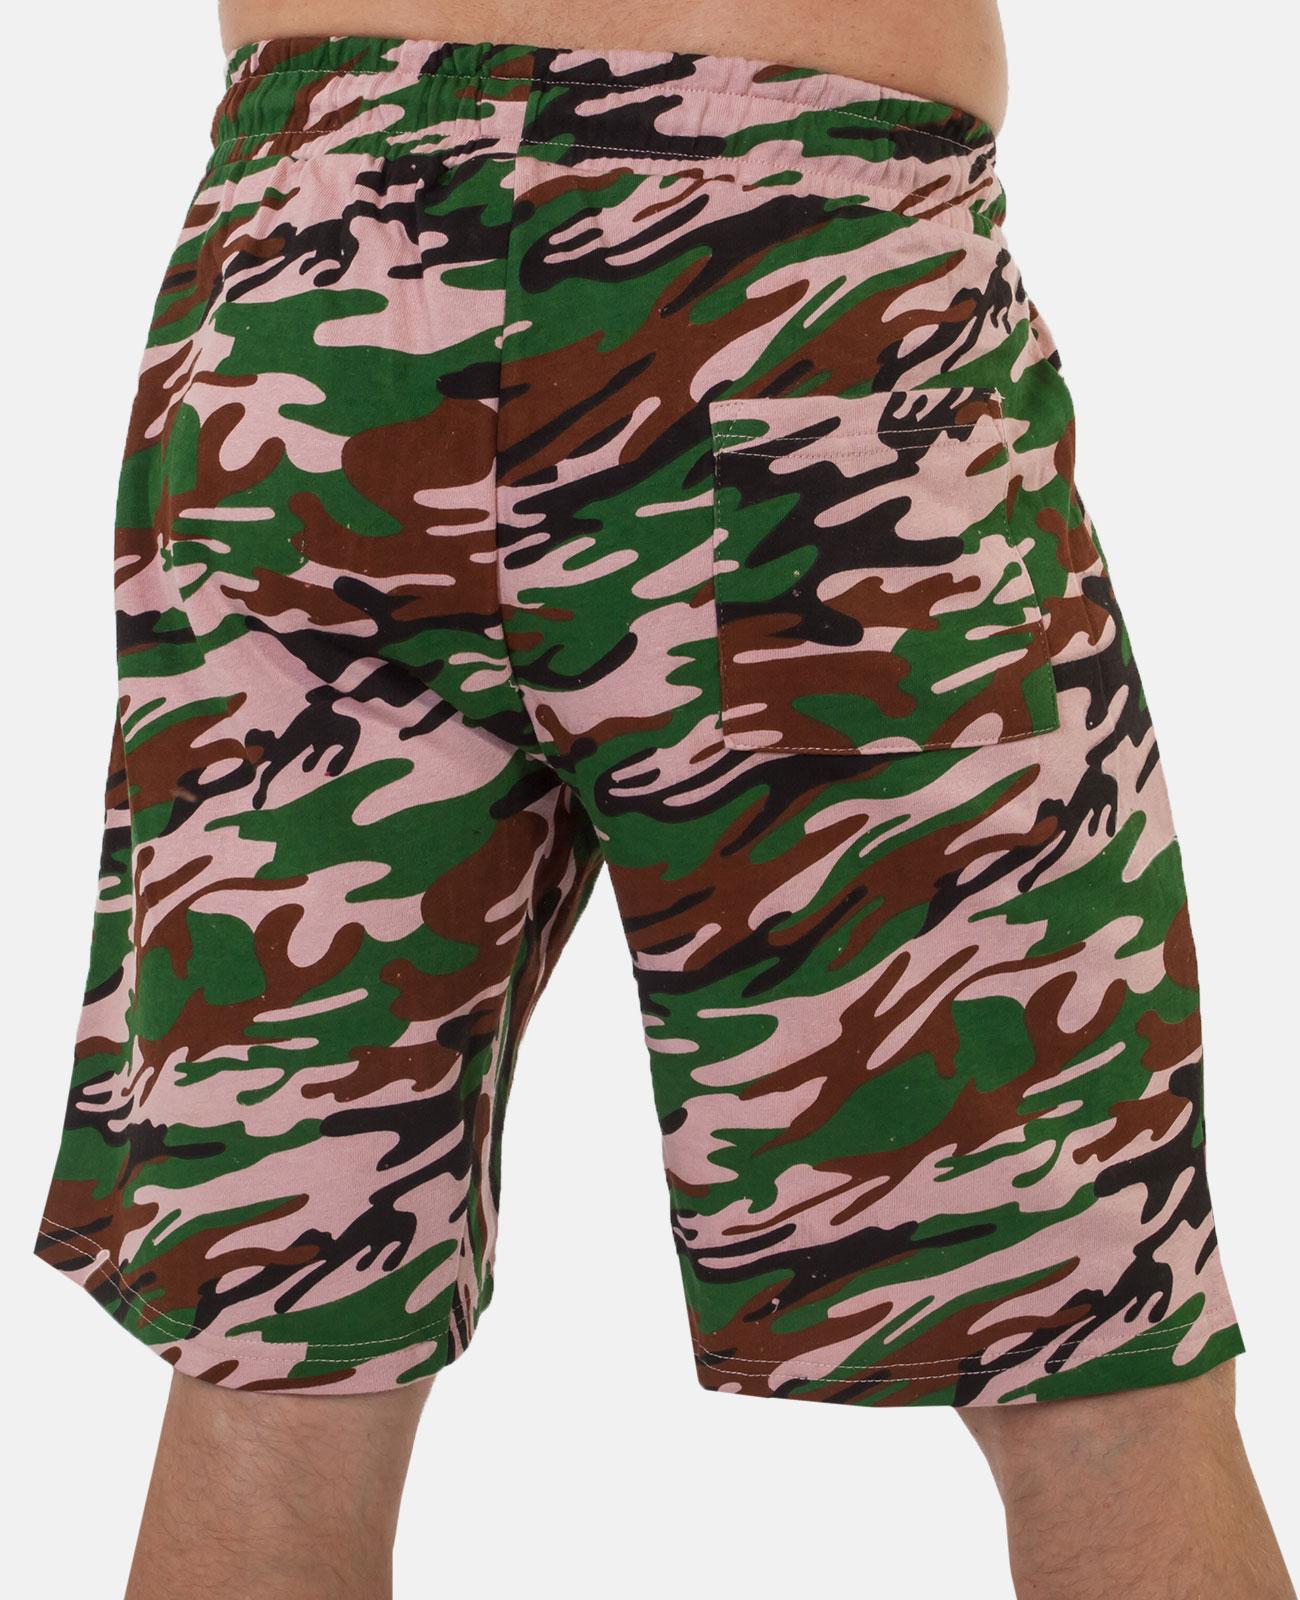 Особенные удлиненные шорты с нашивкой РХБЗ - заказать выгодно